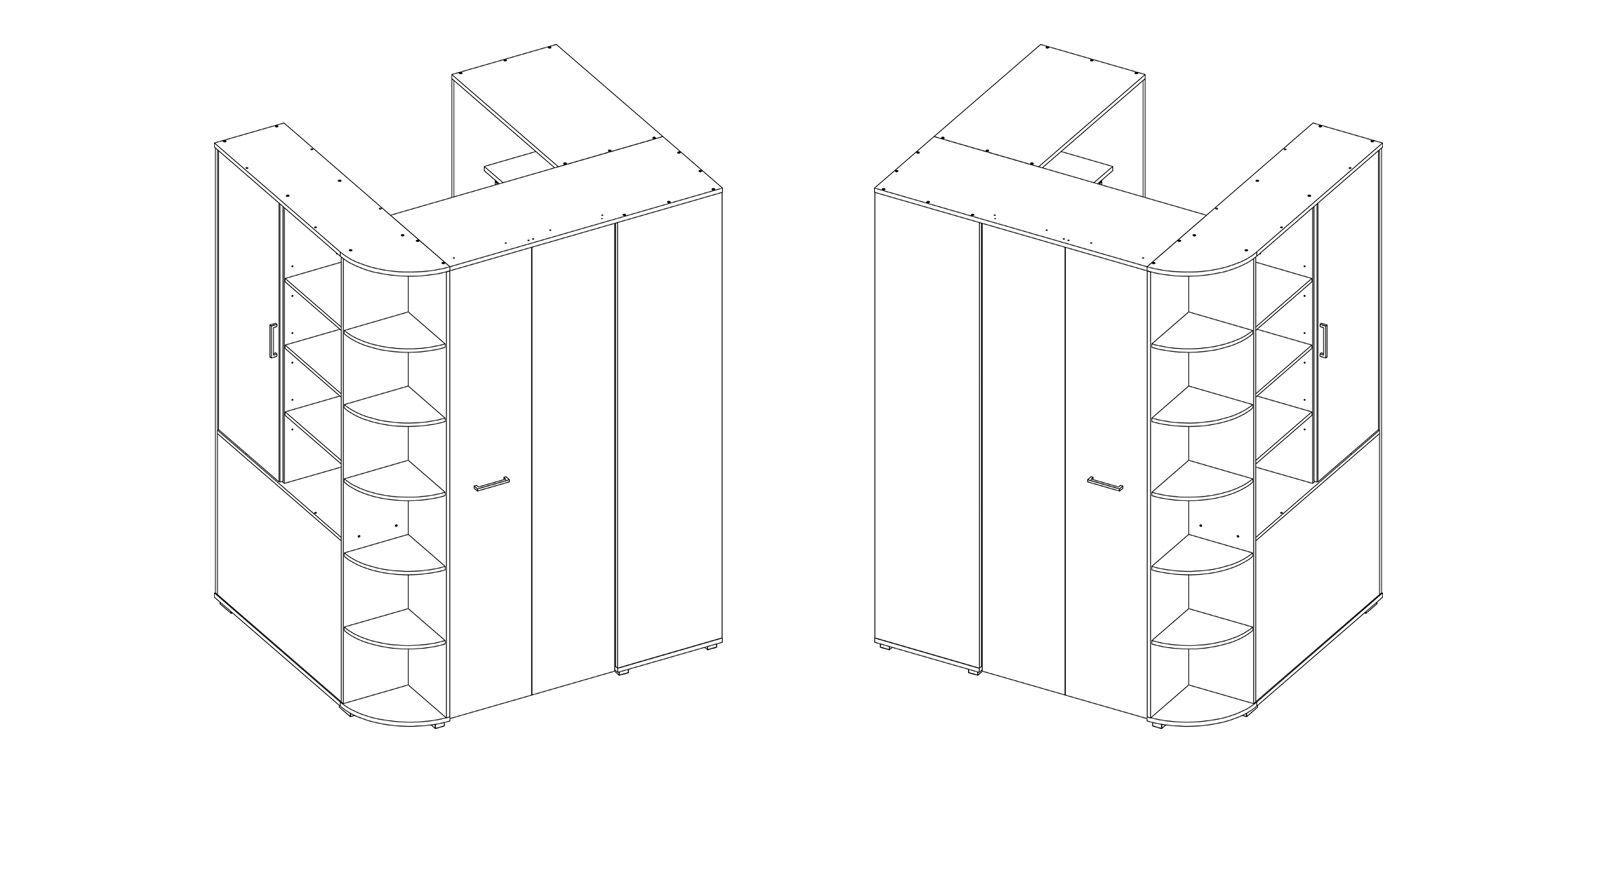 Aufbau Grafik zu den begehbaren Eck-Kleiderschränken